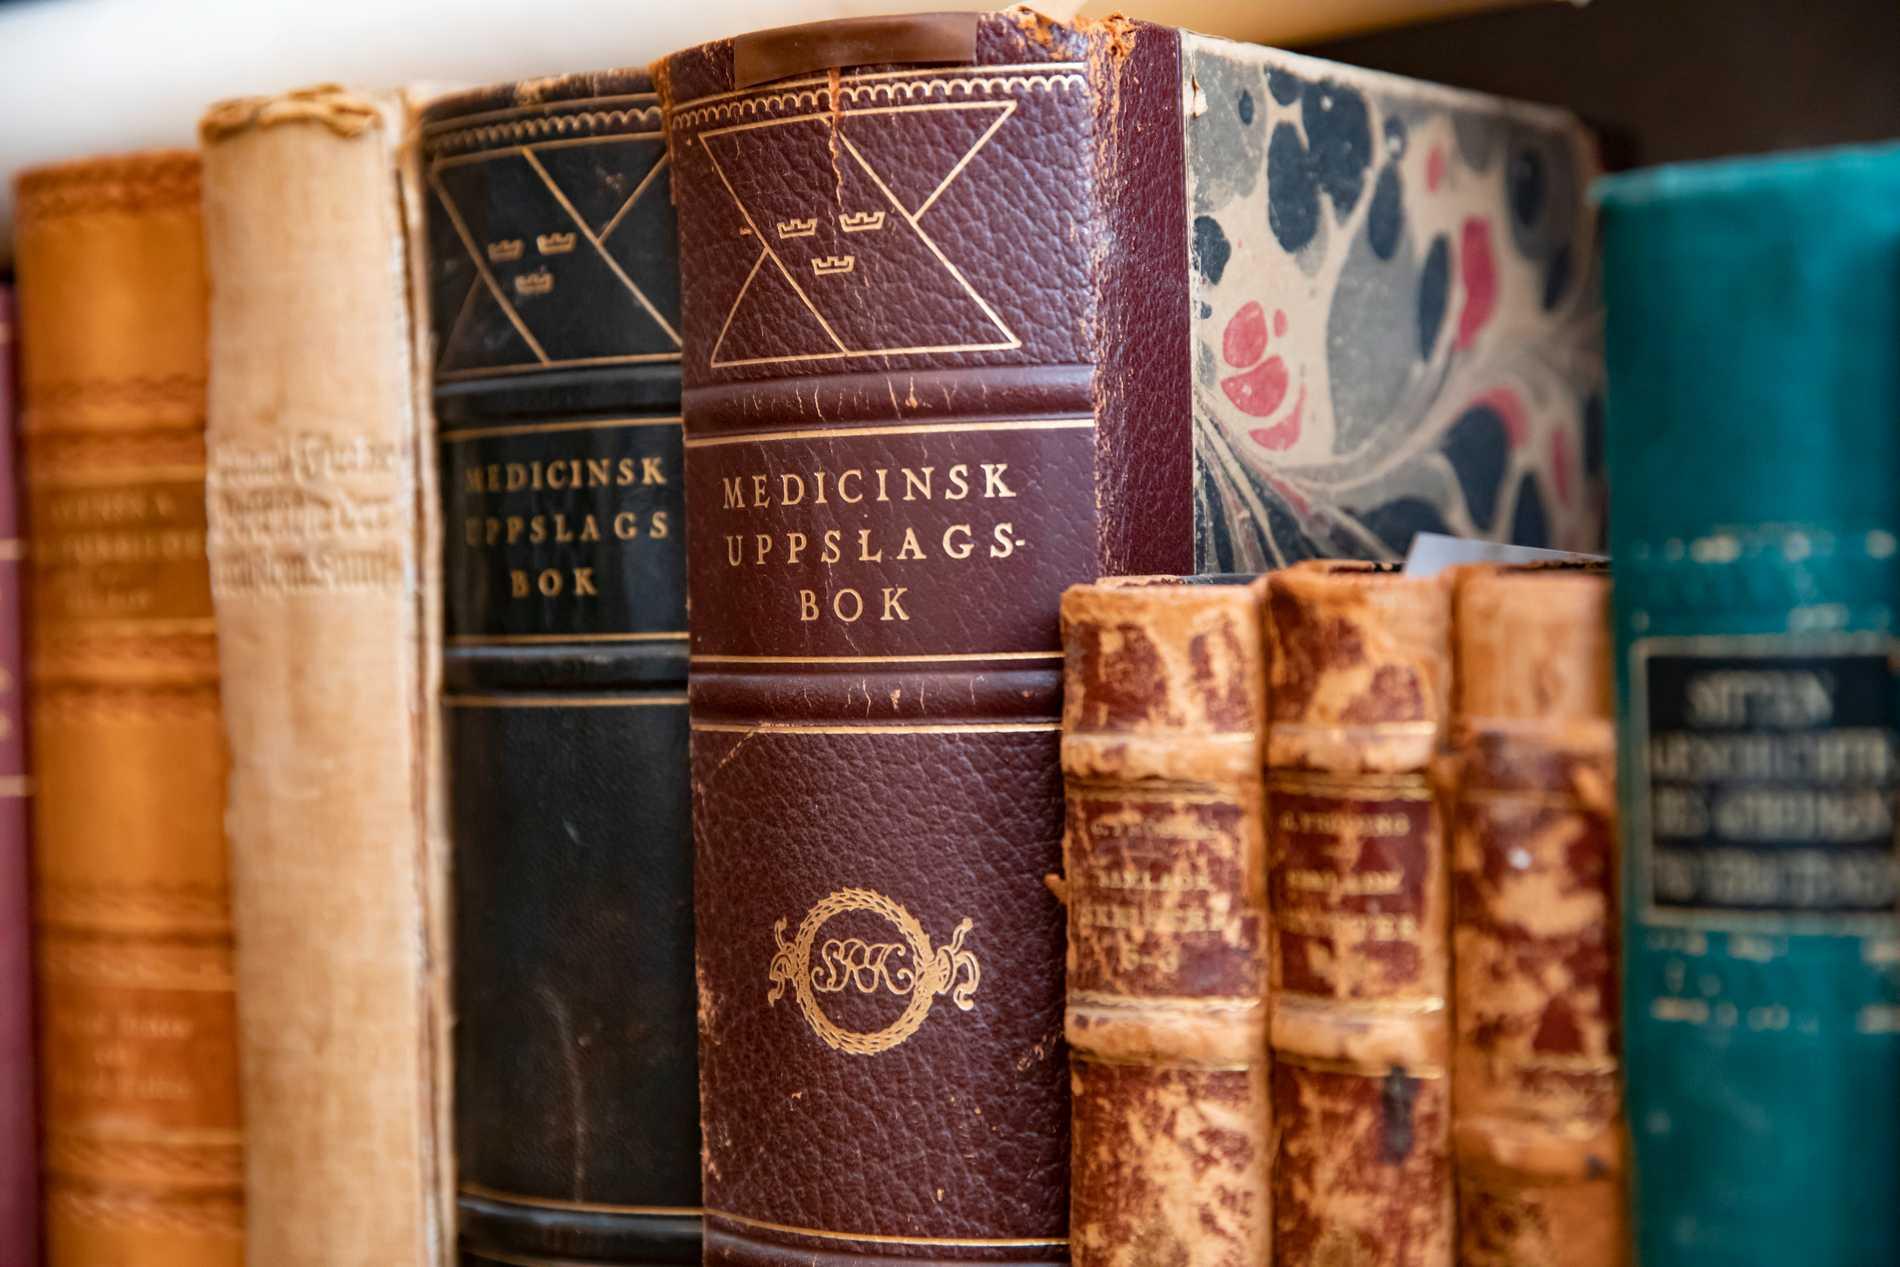 Fina bokhyllor har seglat upp som attraktiv bakgrund i zoom-tider. Men det är ju innehållet, inte boken i sig som betyder något, skriver Anna Andersson.